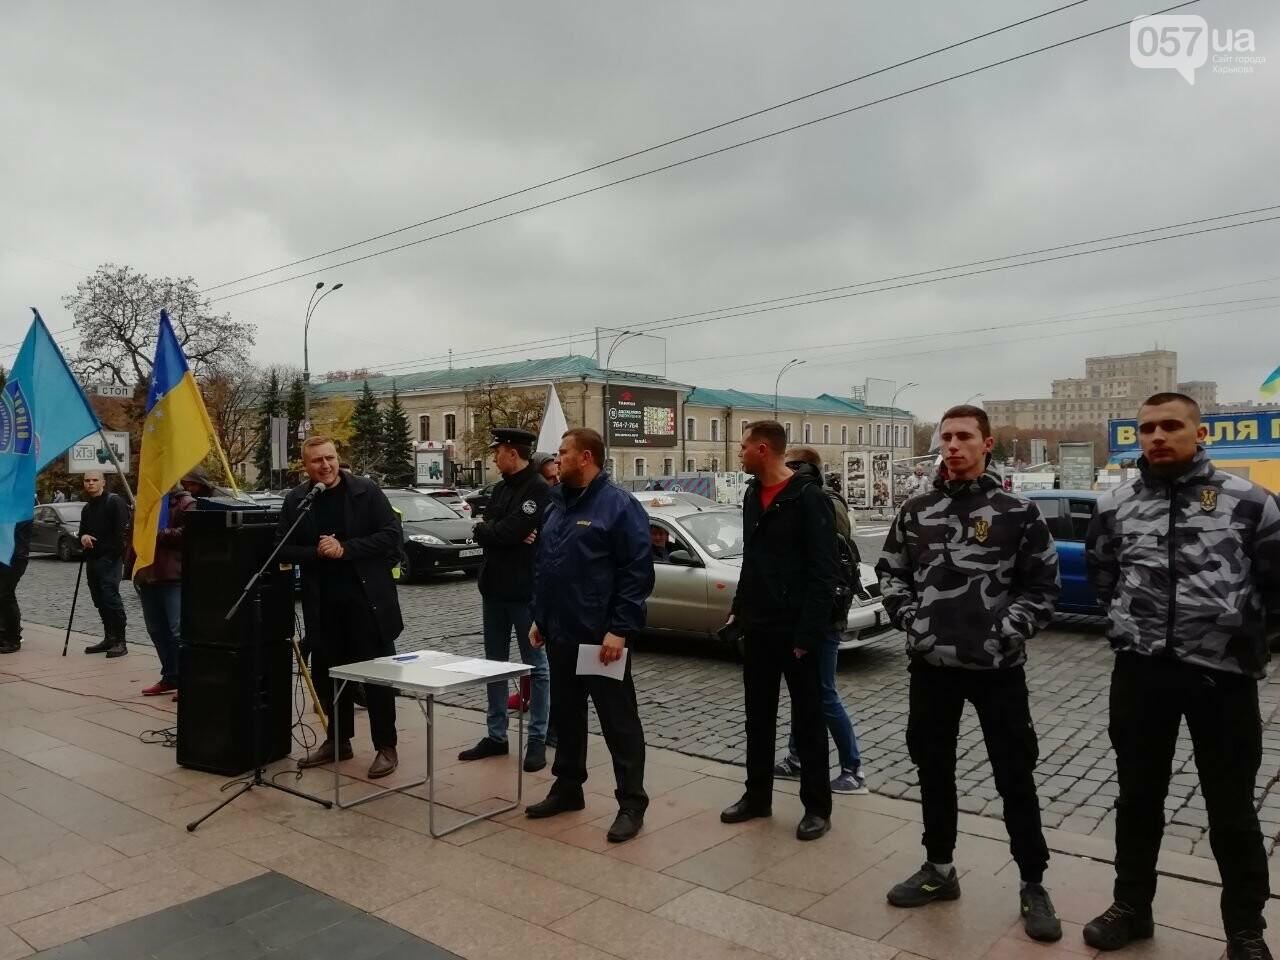 «Нет капитуляции»: харьковские активисты написали коллективное обращение к Зеленскому, - ФОТО, фото-5